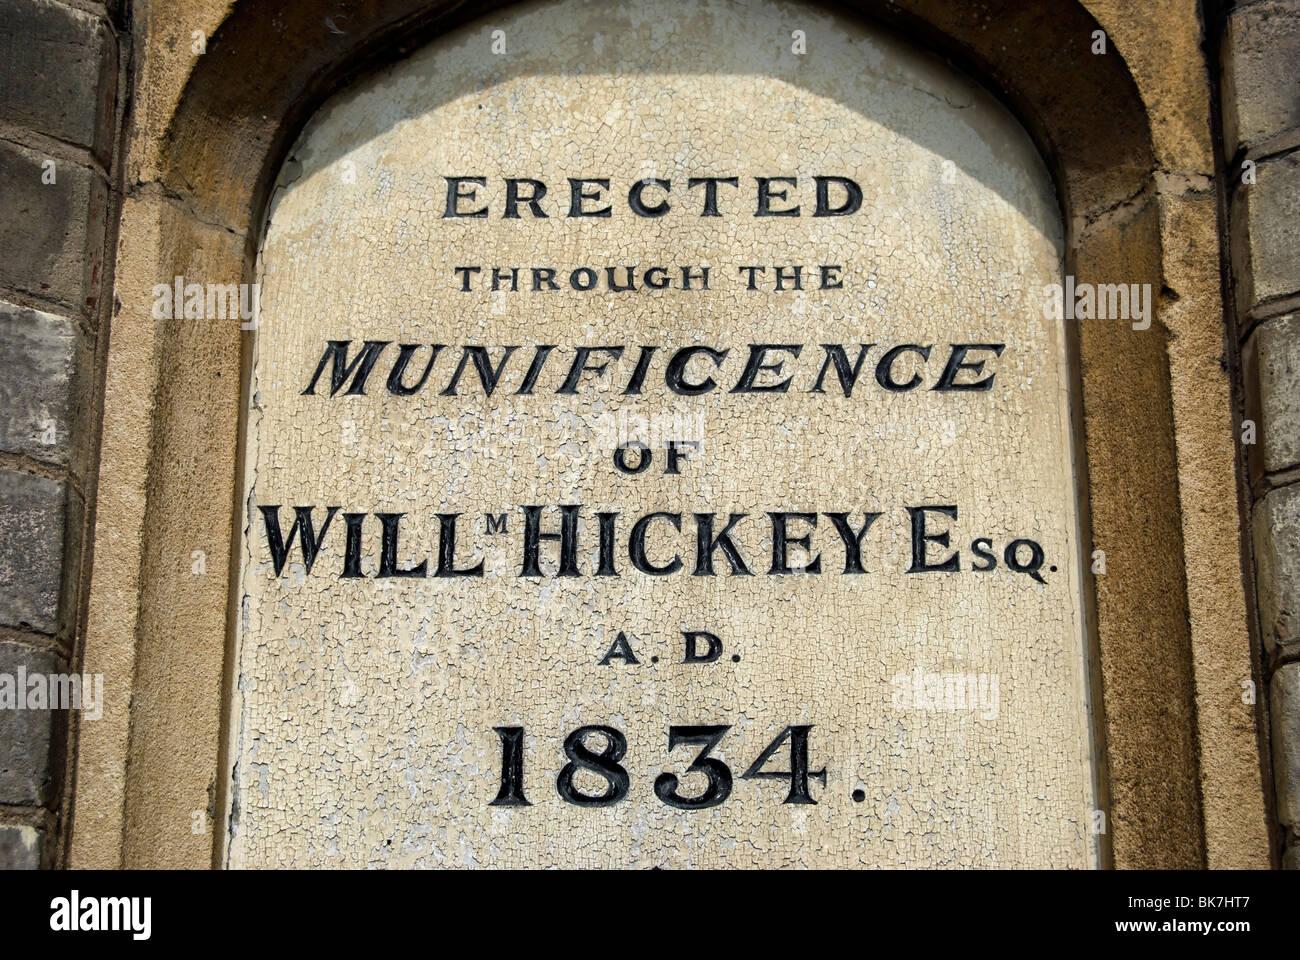 Pour la plaque de William hickey hospices, datant de 1834, Richmond upon Thames, Surrey, Angleterre Banque D'Images